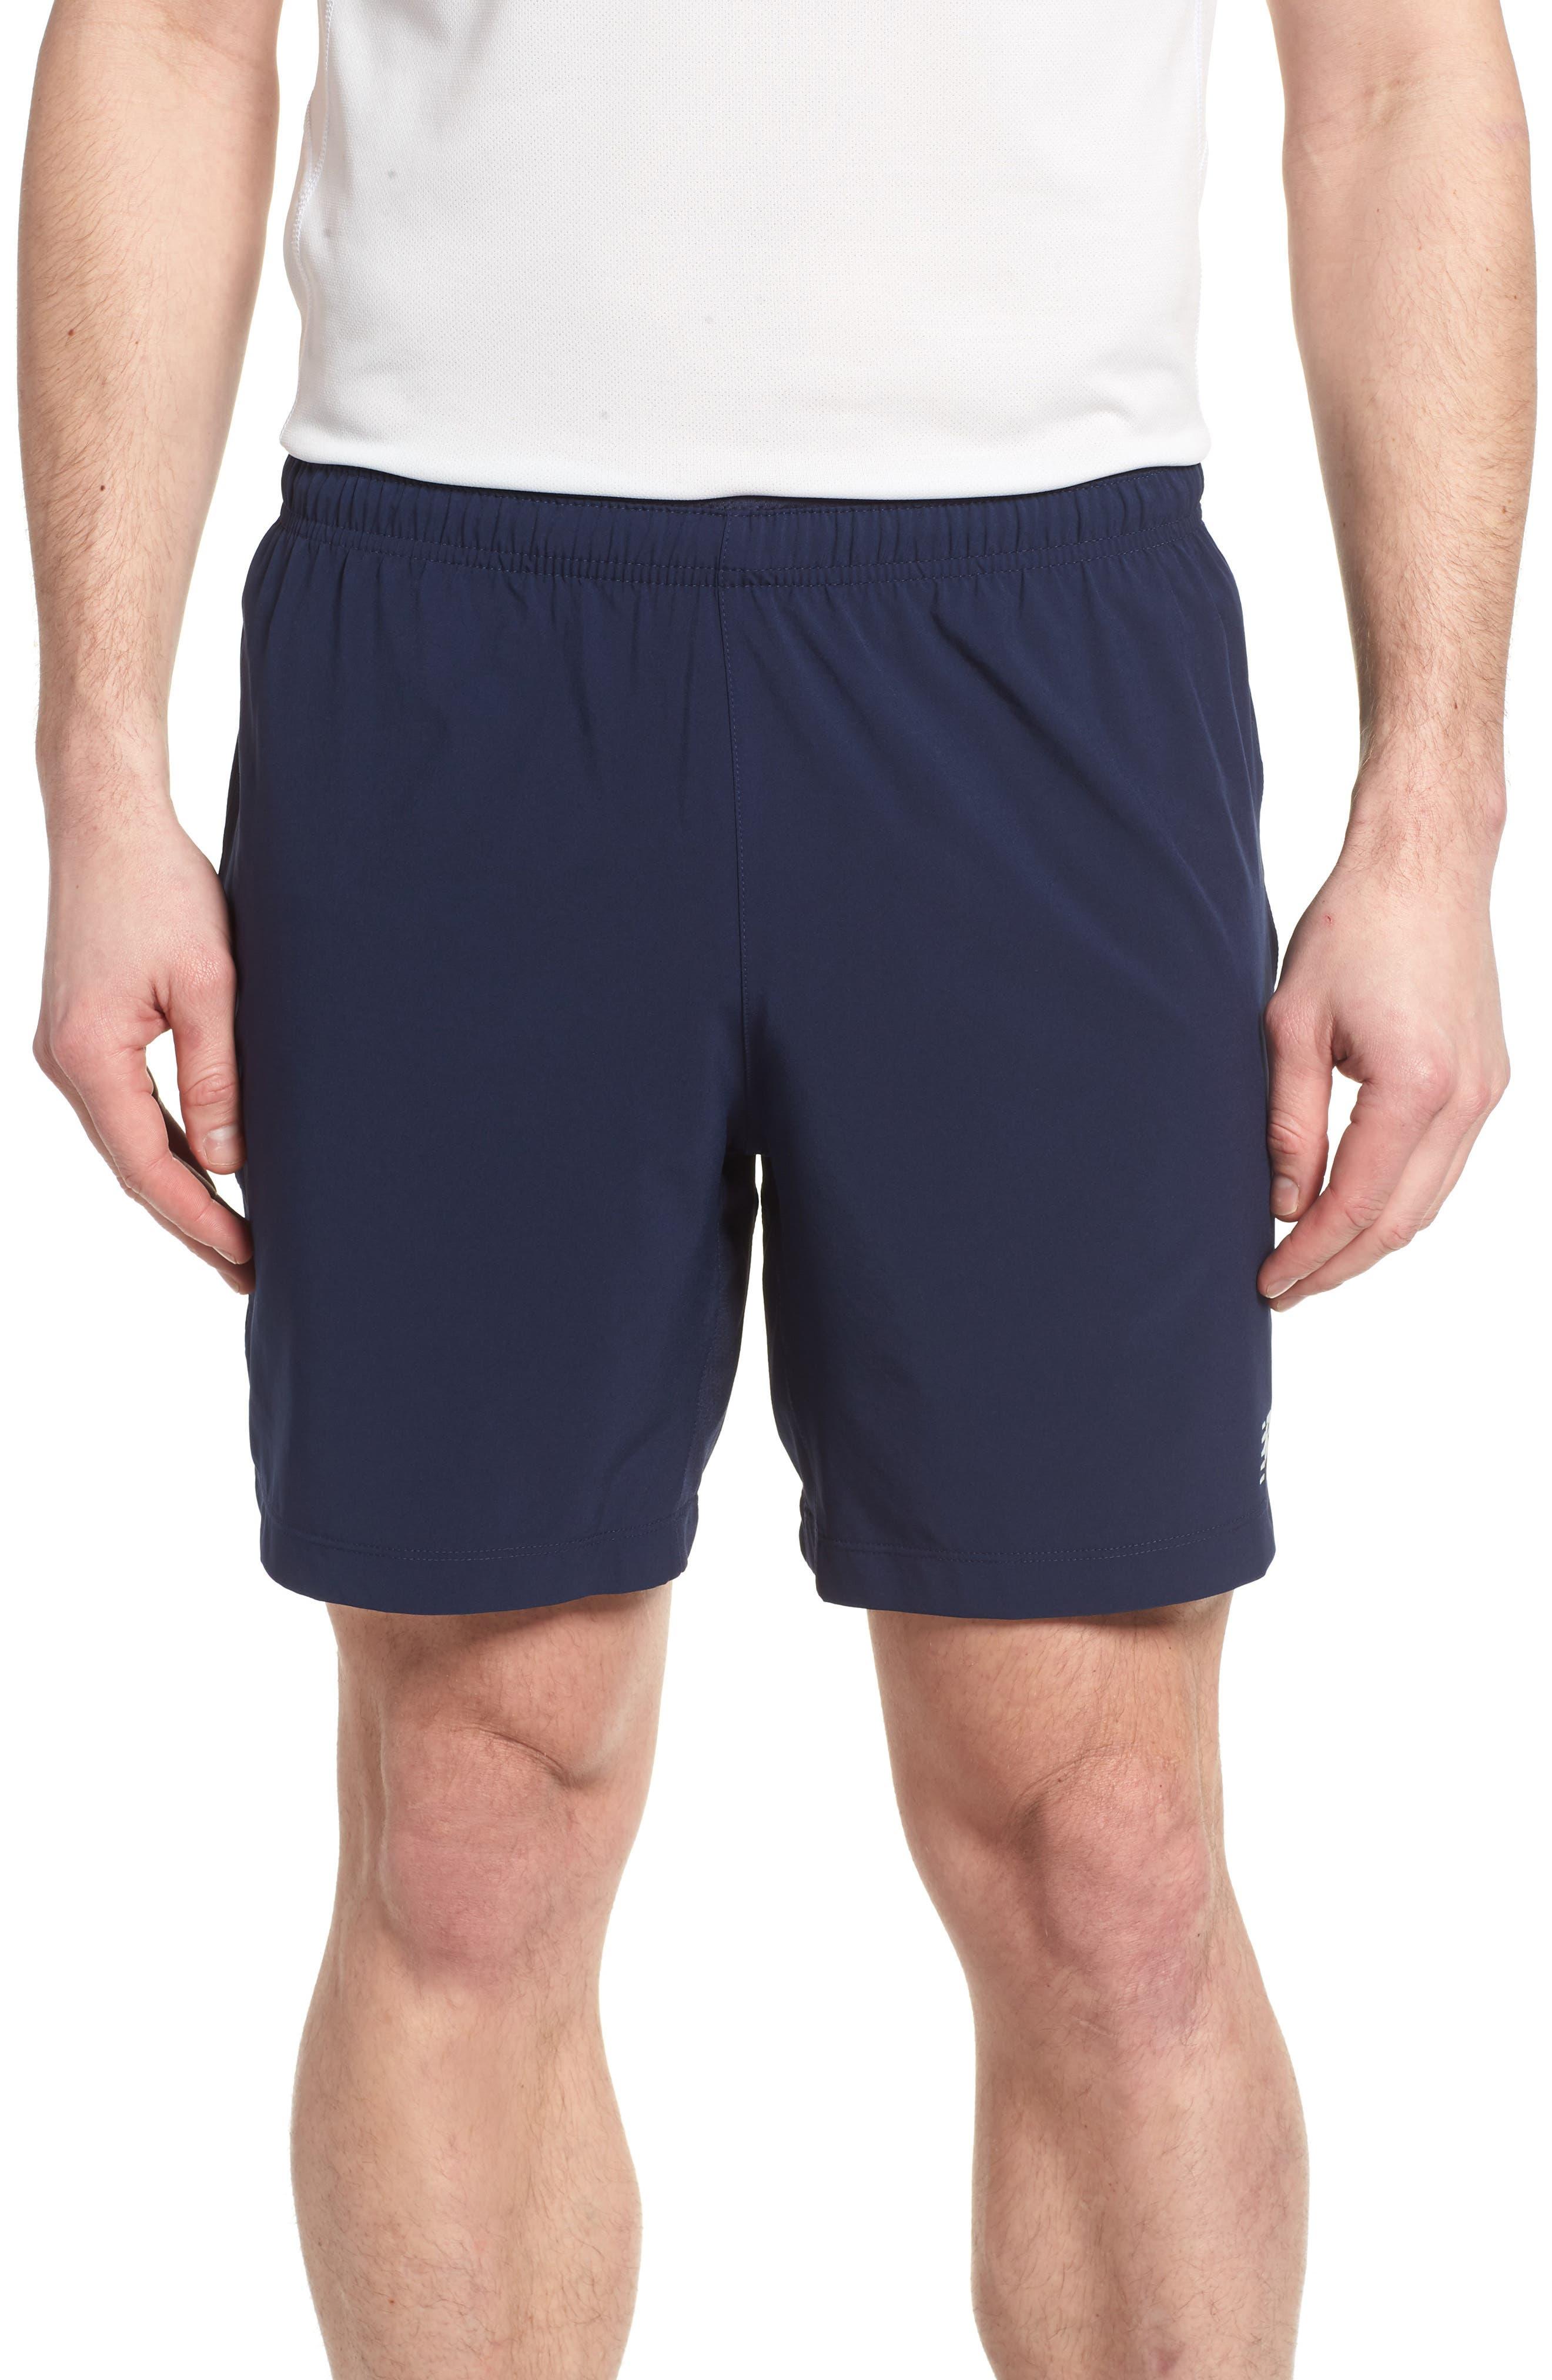 New Balance Impact Shorts, Blue